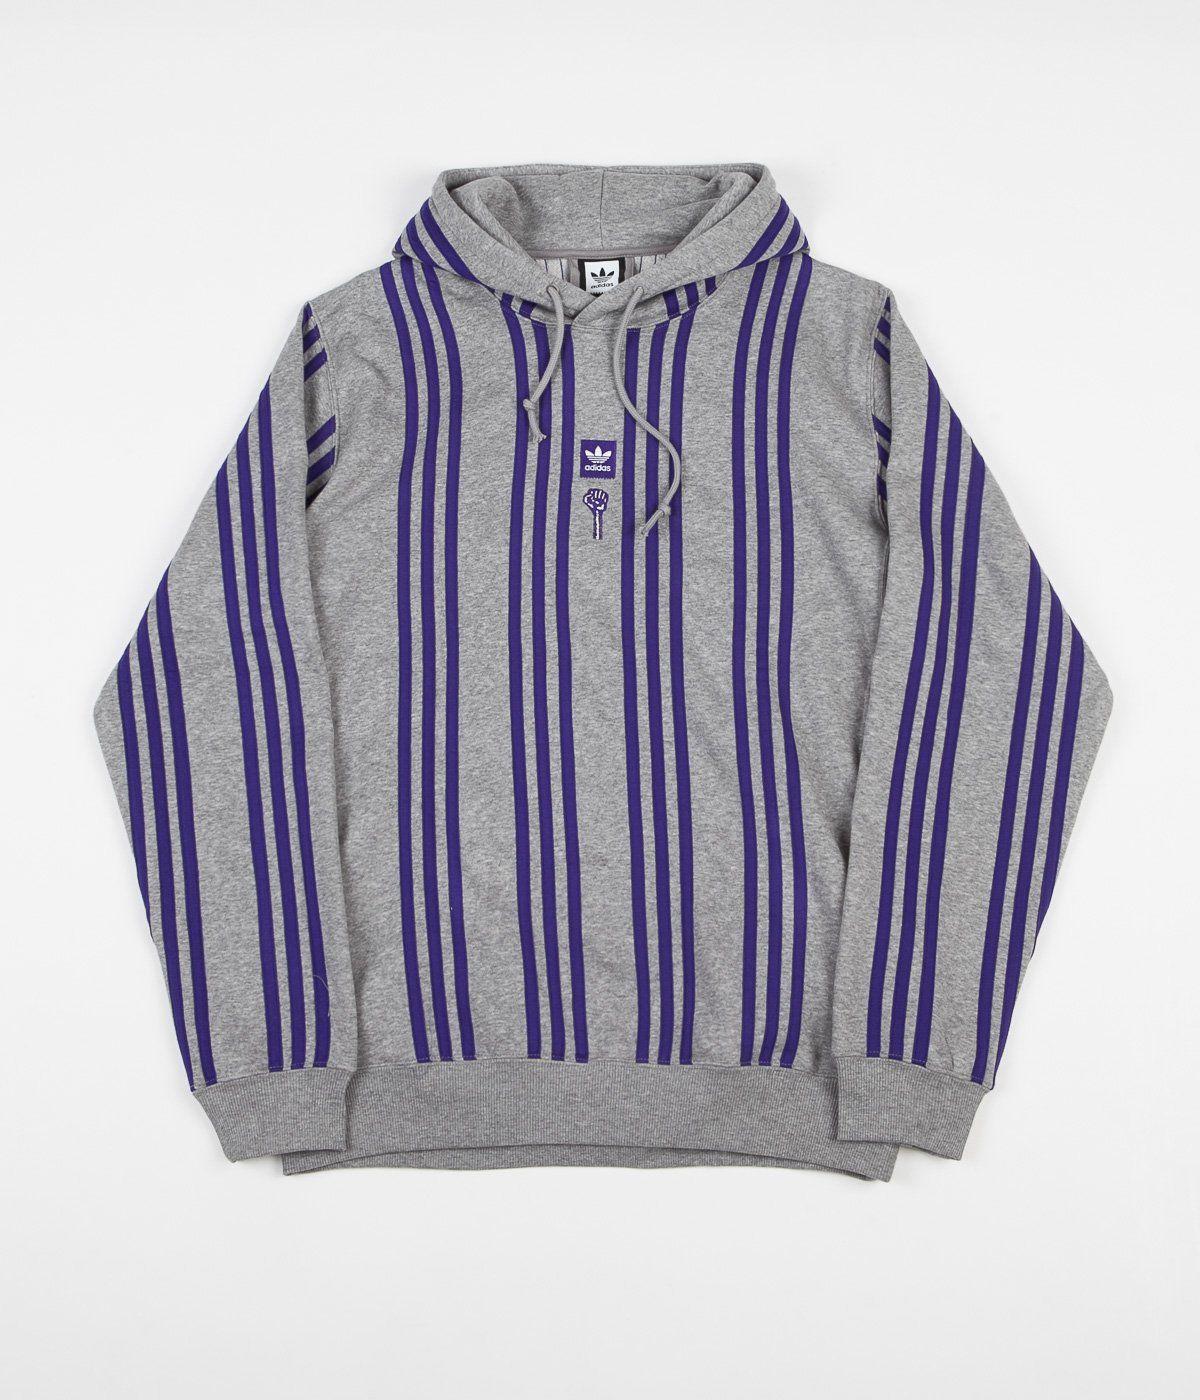 Adidas x Hardies Hoodie Core Heather Collegiate Purple